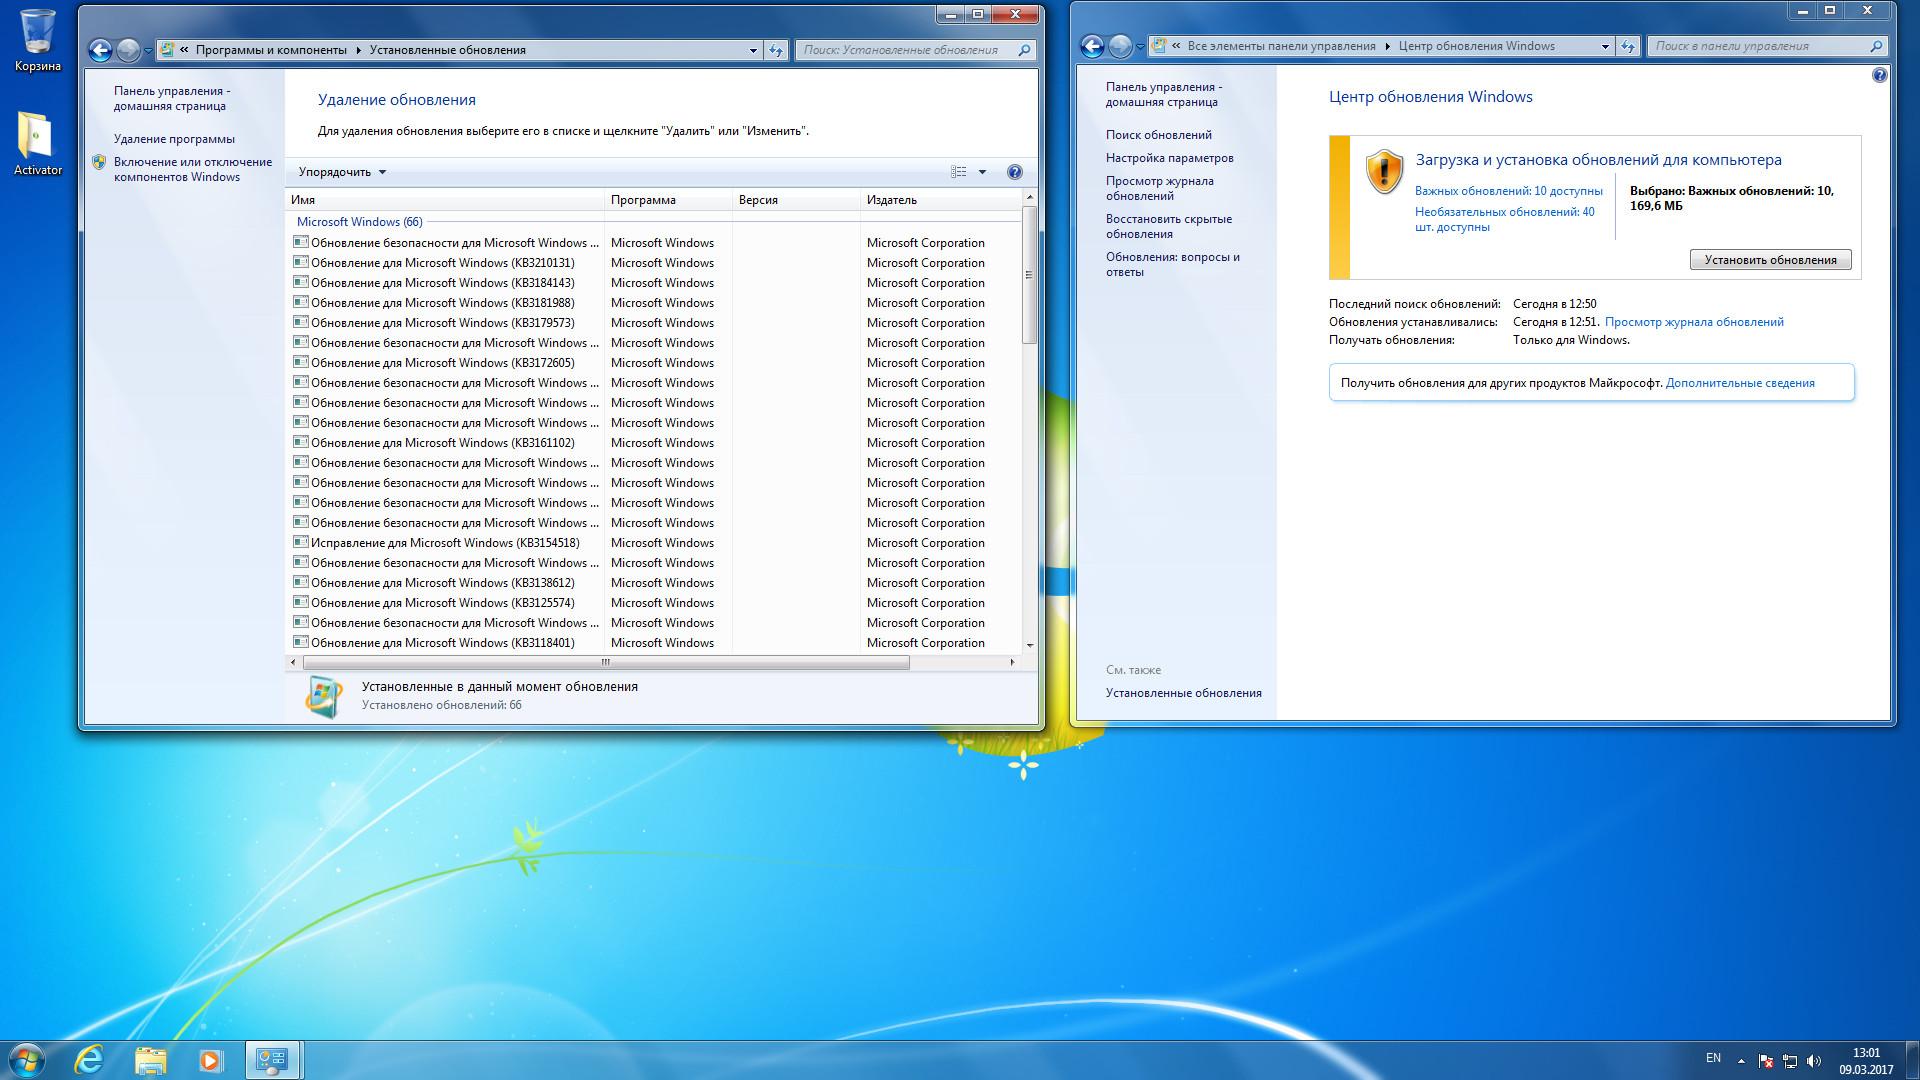 Windows 7 Домашняя Расширенная торрент